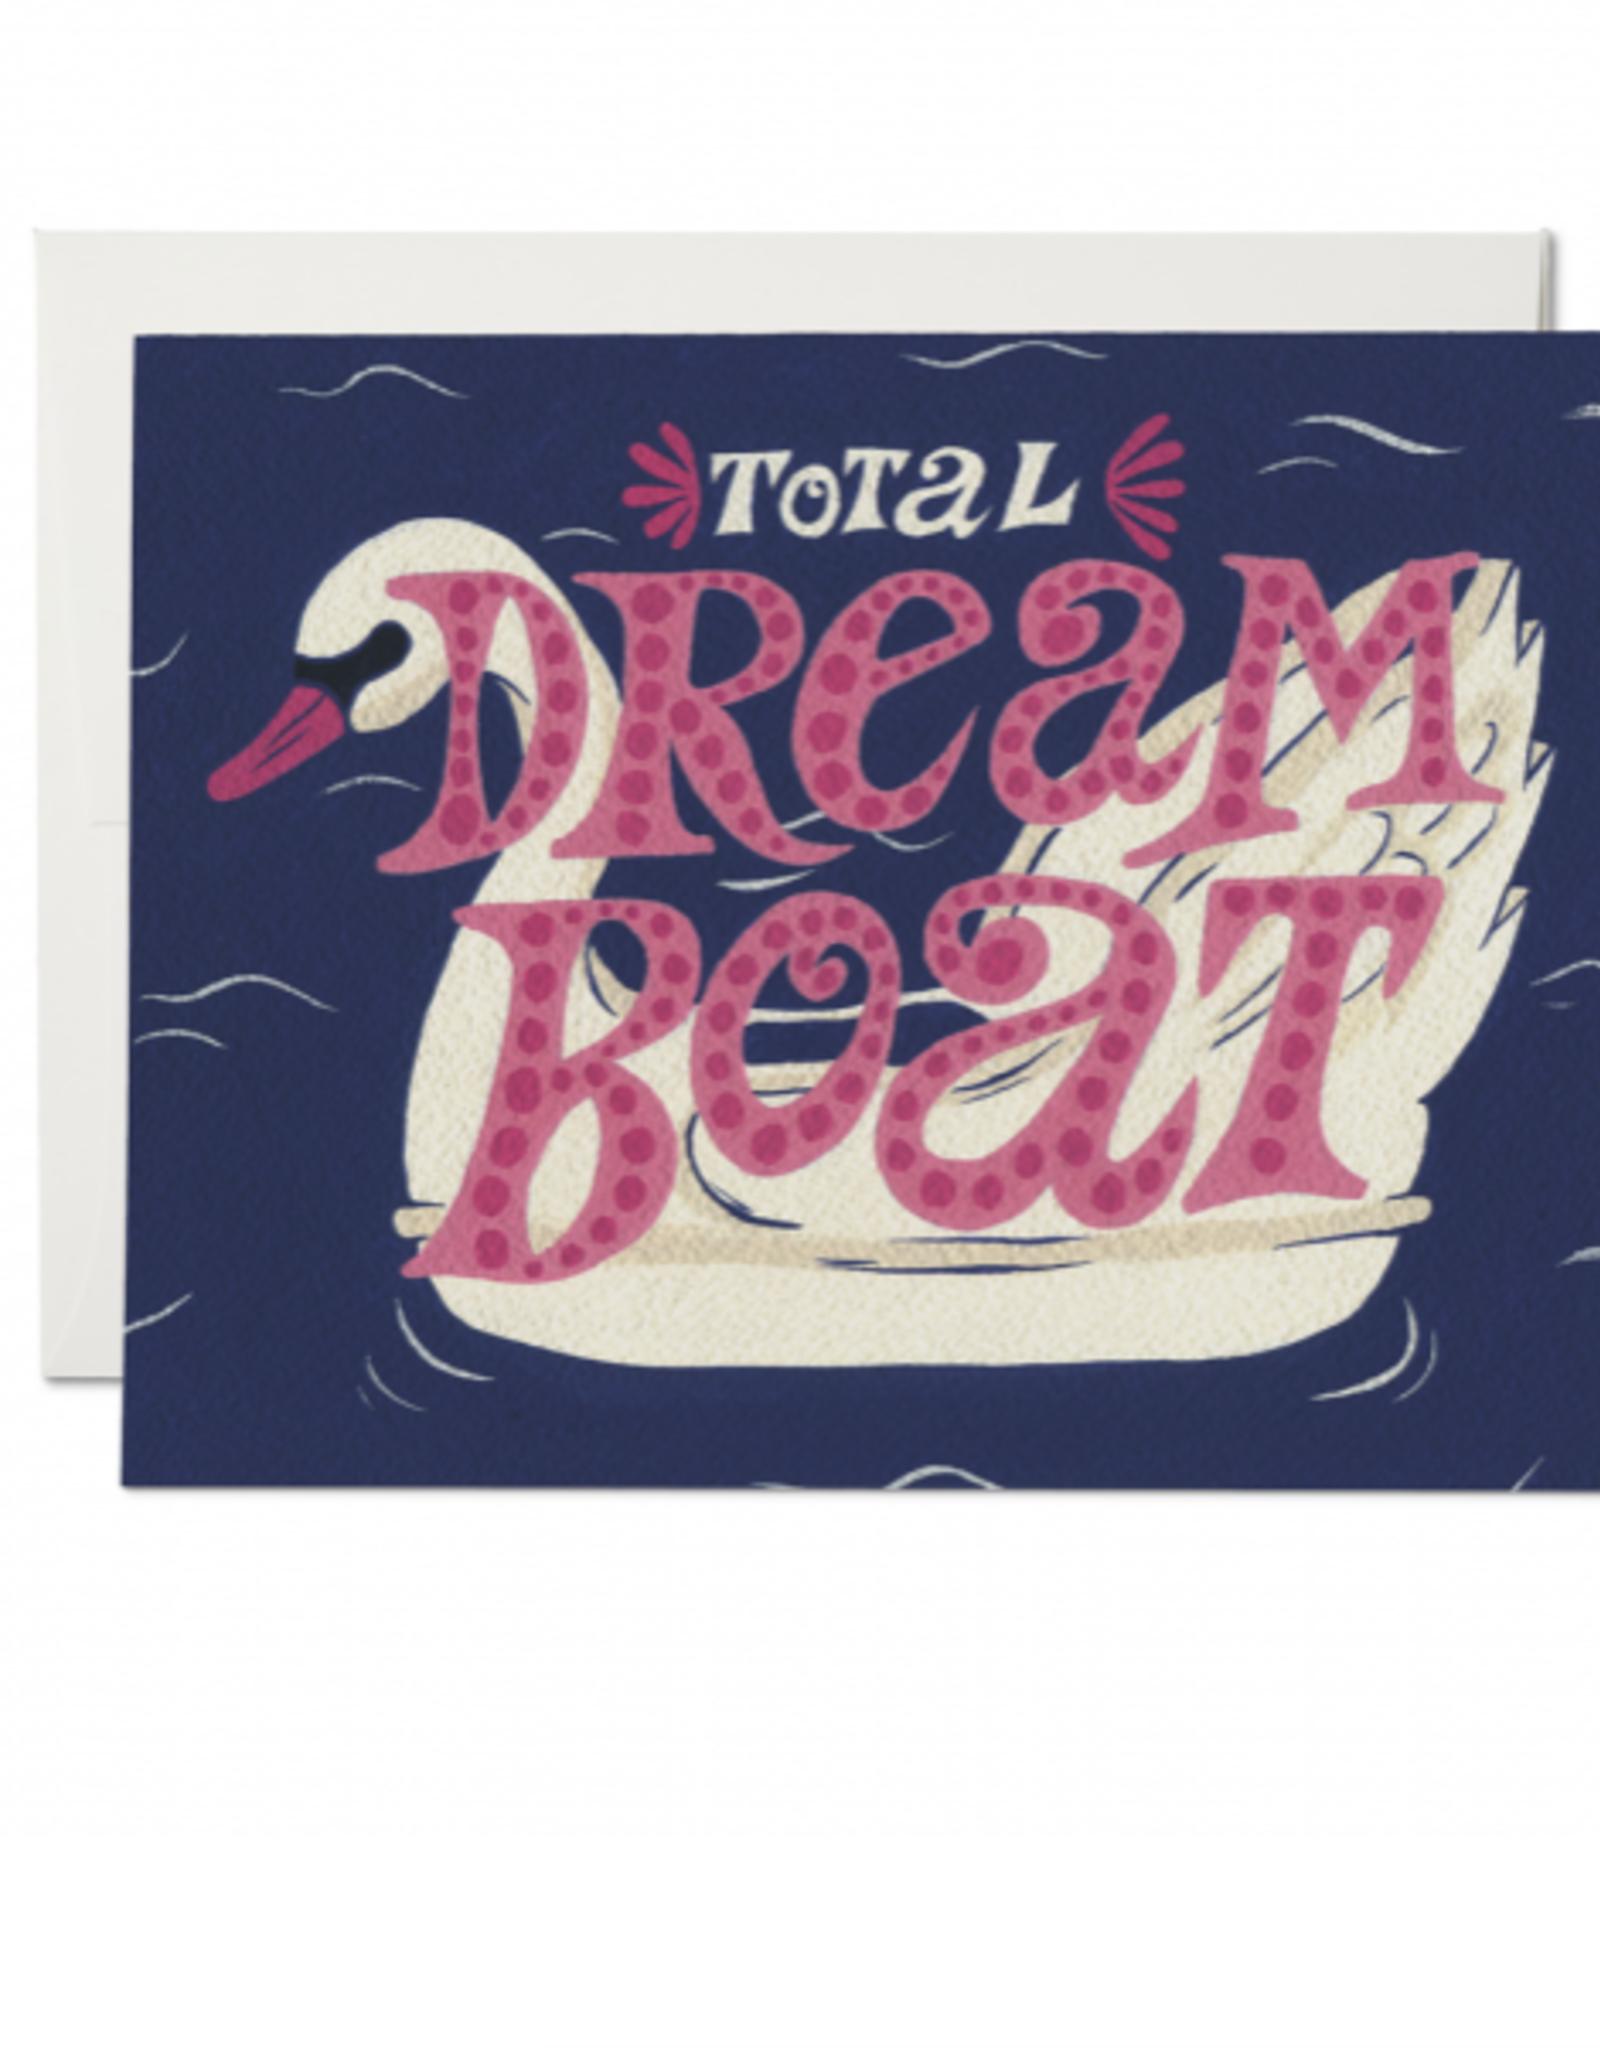 Total Dream Boat Swan Greeting Card